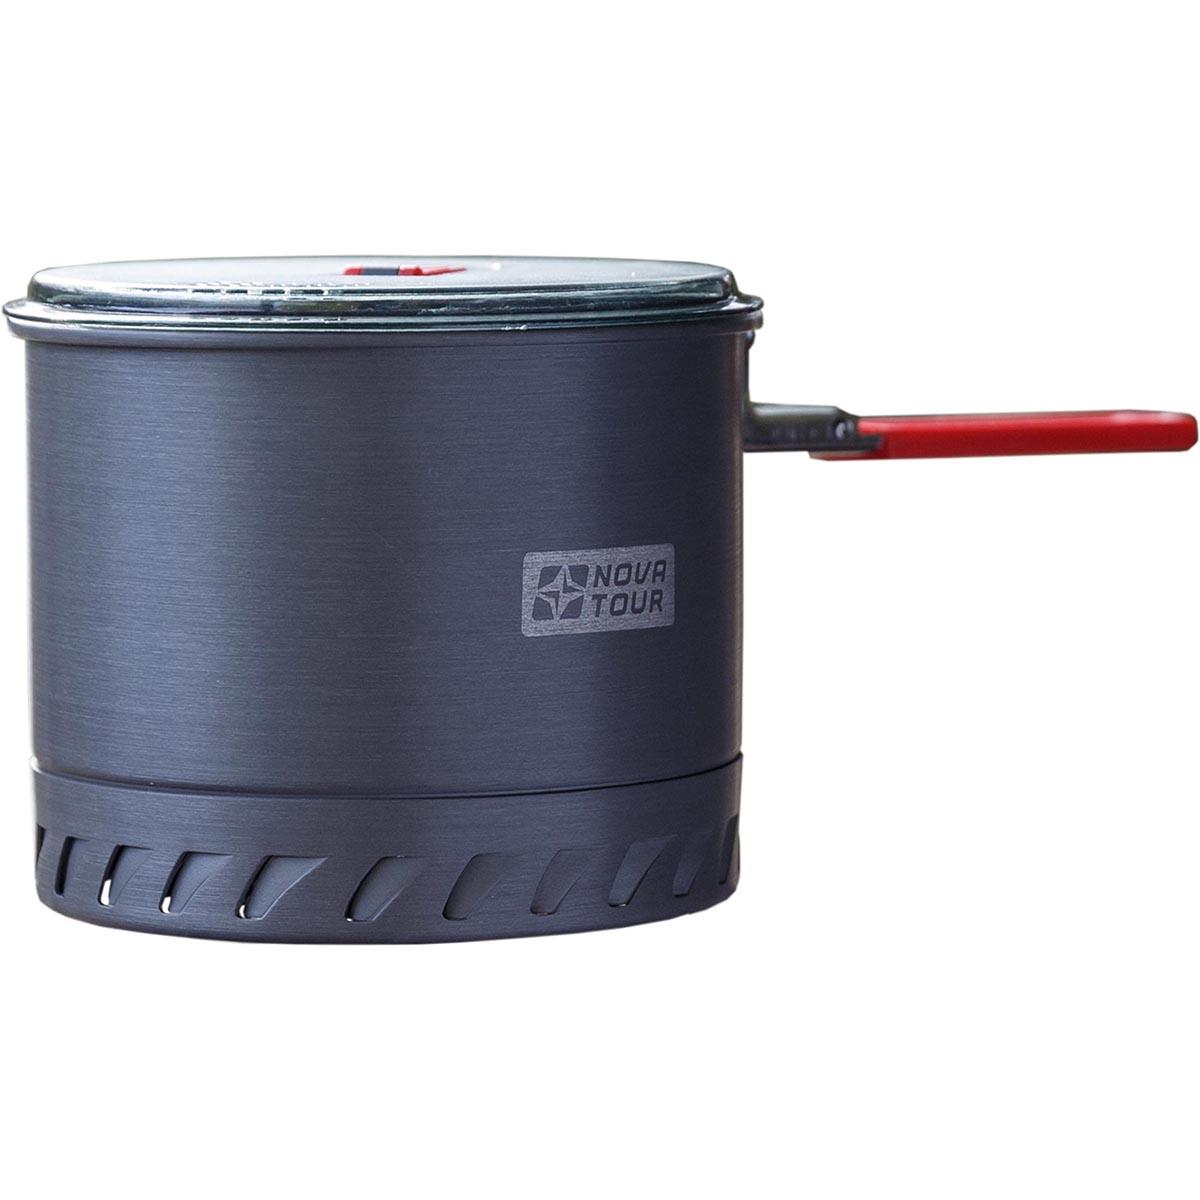 Кастрюля NOVA TOUR Инферно 1,4л, цвет: металлик, красный, 0,4л95806-000-00Удобная кастрюля объемом 1,4л с радиаторным кольцом на дне, которое позволяет экономить до 50% топлива и уменьшить время приготовления пищи. Наличие складной ручки добавляет удобства при использовании, и не увеличивает объем занимаемый кастрюлей при траспортировки.Неопреновая вставка сохраняет тепло и добавляет удобства в эксплуатации.; Назначение и устройство Посуда для горелокМатериал Анодированный алюминийВес (кг) 0,32Вместимость (л.) 1,4